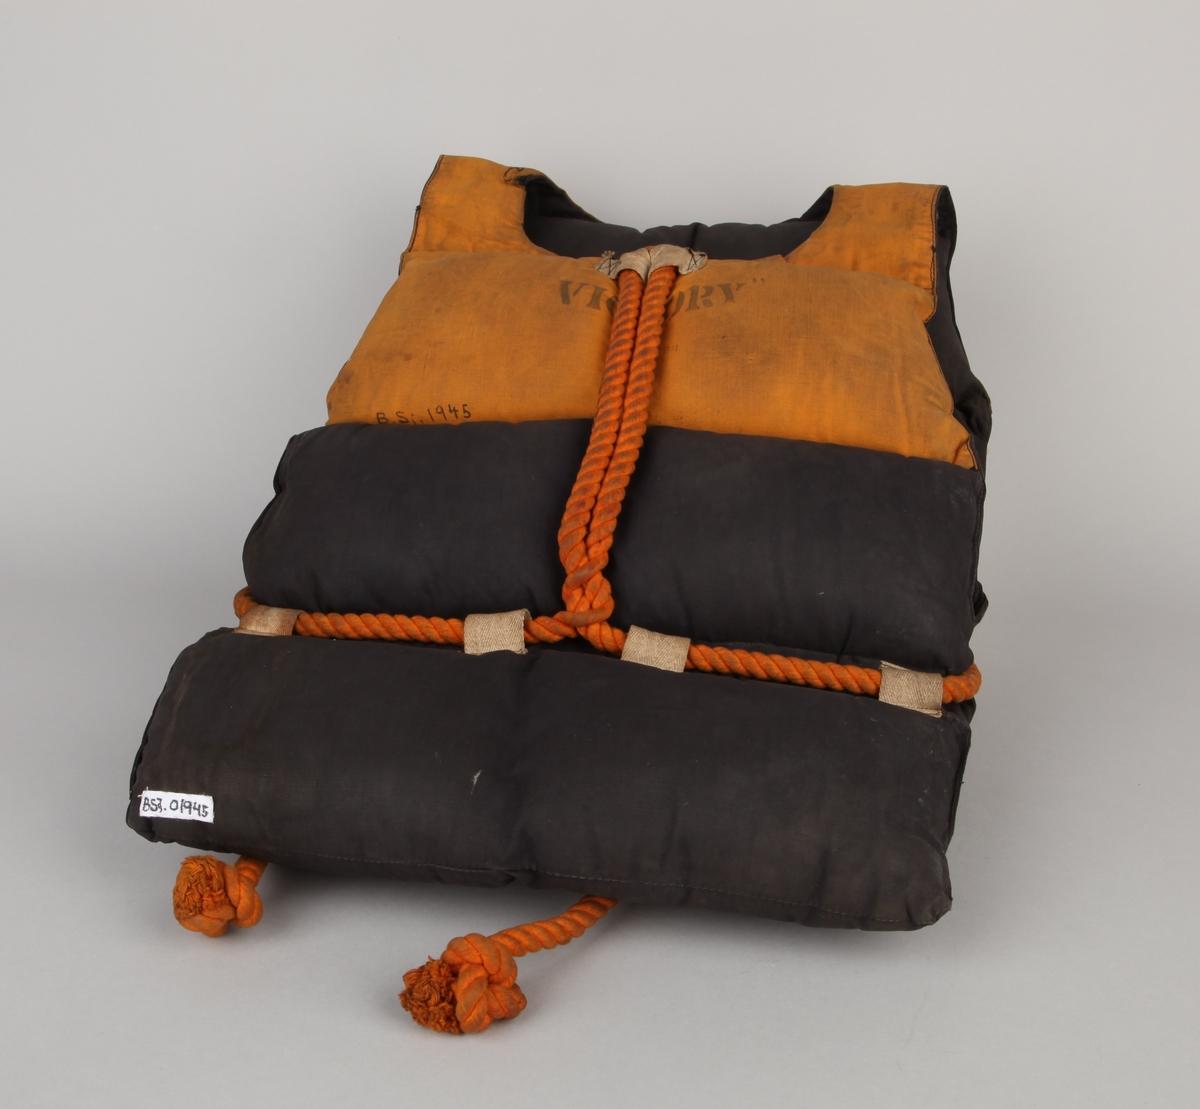 Vattert redningsvest, engelsk type fra krigen 1939-1945. Med lomme i front samt tau til å feste vesten rundt livet.